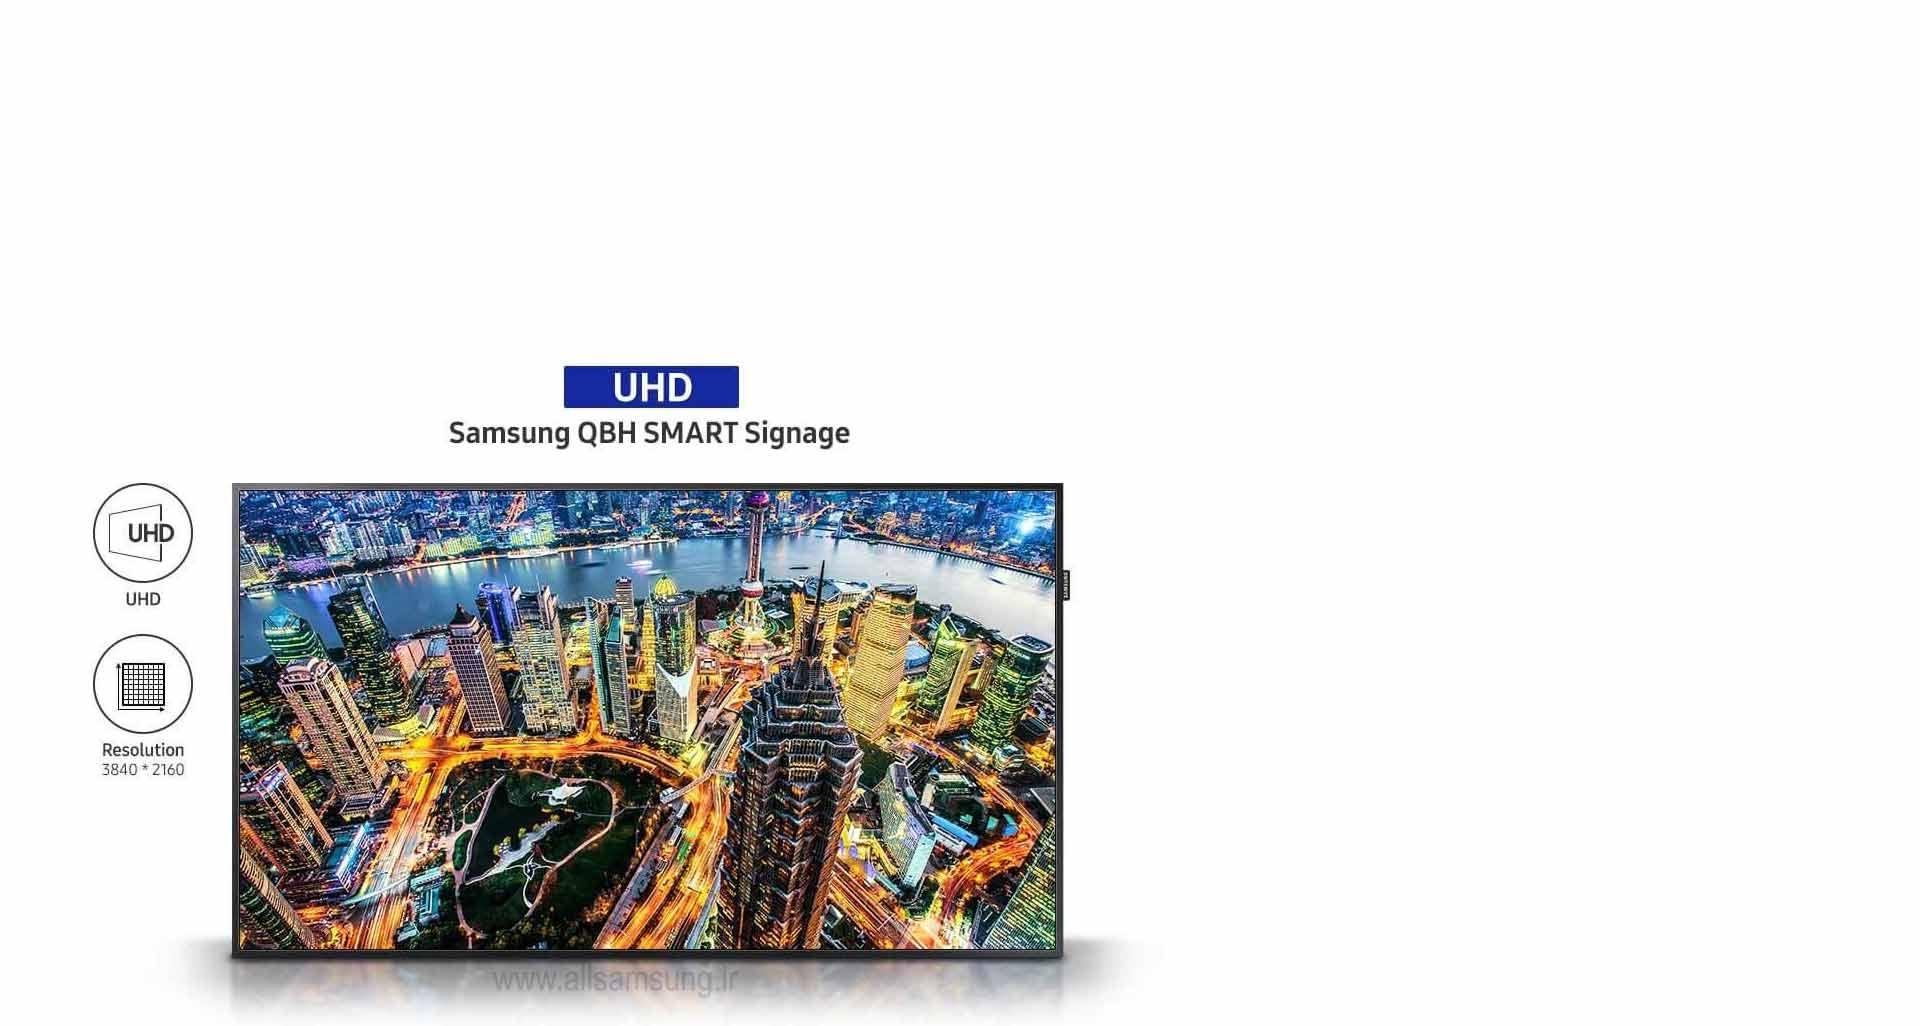 کیفیت تصویر UHD و ایجاد روحی تازه برای محتوای تجاری شما